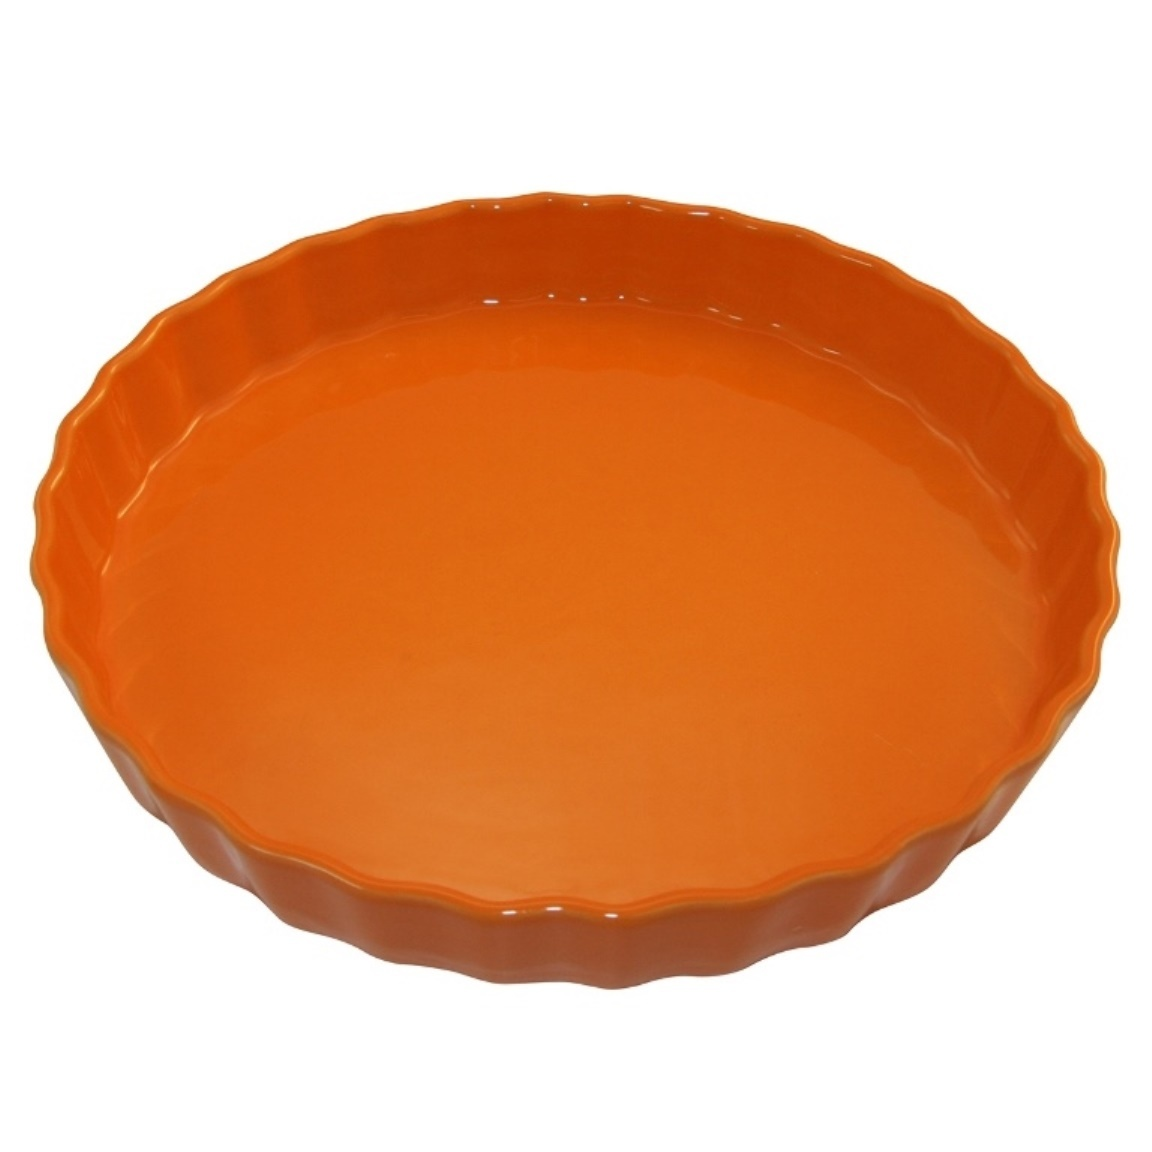 Форма для пирога 30 см Appolia Delices MANDARINE 10530073Формы для запекания (выпечки)<br>Форма для пирога 30 см Appolia Delices MANDARINE 10530073<br><br>Благодаря большому разнообразию изящных форм и широкой цветовой гамме, коллекция DELICES предлагает всевозможные варианты приготовления блюд для себя и гостей. Выбирайте цвета в соответствии с вашими желаниями и вашей кухне. Закругленные углы облегчают чистку. Легко использовать. Большие удобные ручки. Прочная жароустойчивая керамика экологична и изготавливается из высококачественной глины. Прочная глазурь устойчива к растрескиванию и сколам, не содержит свинца и кадмия. Глина обеспечивает медленный и равномерный нагрев, деликатное приготовление с сохранением всех питательных веществ и витаминов, а та же долго сохраняет тепло, что удобно при сервировке горячих блюд.<br>